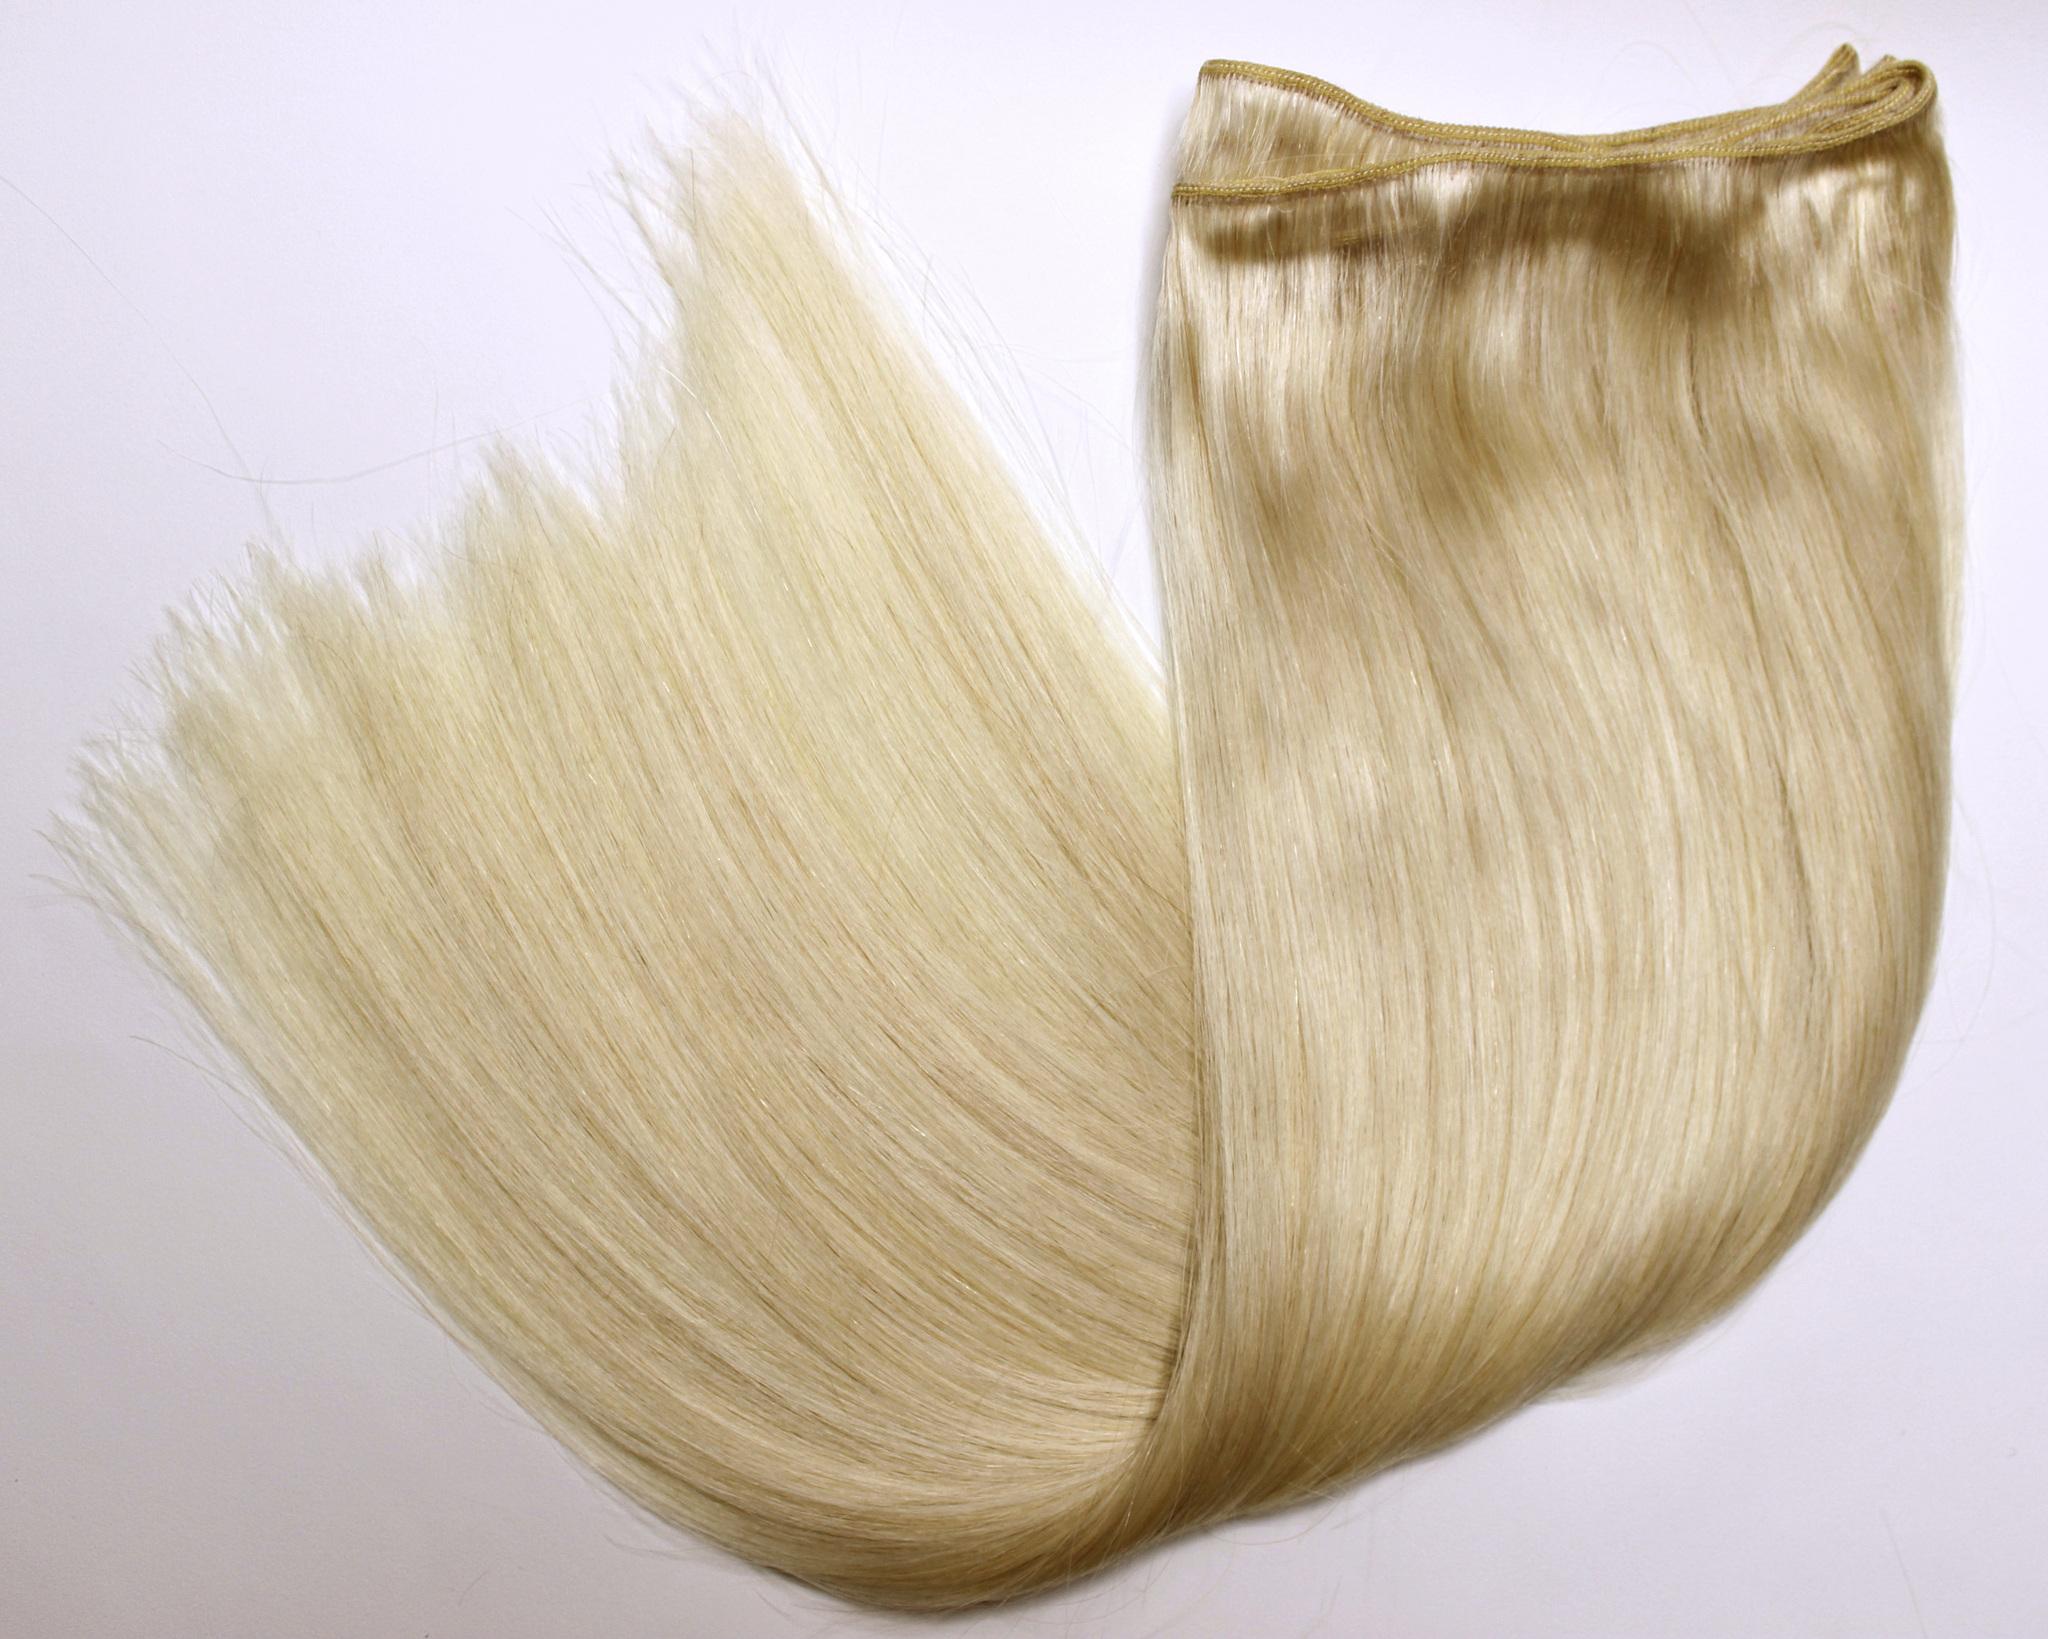 Тресс из натуральных волос длина 52 см-цвет блонд #613